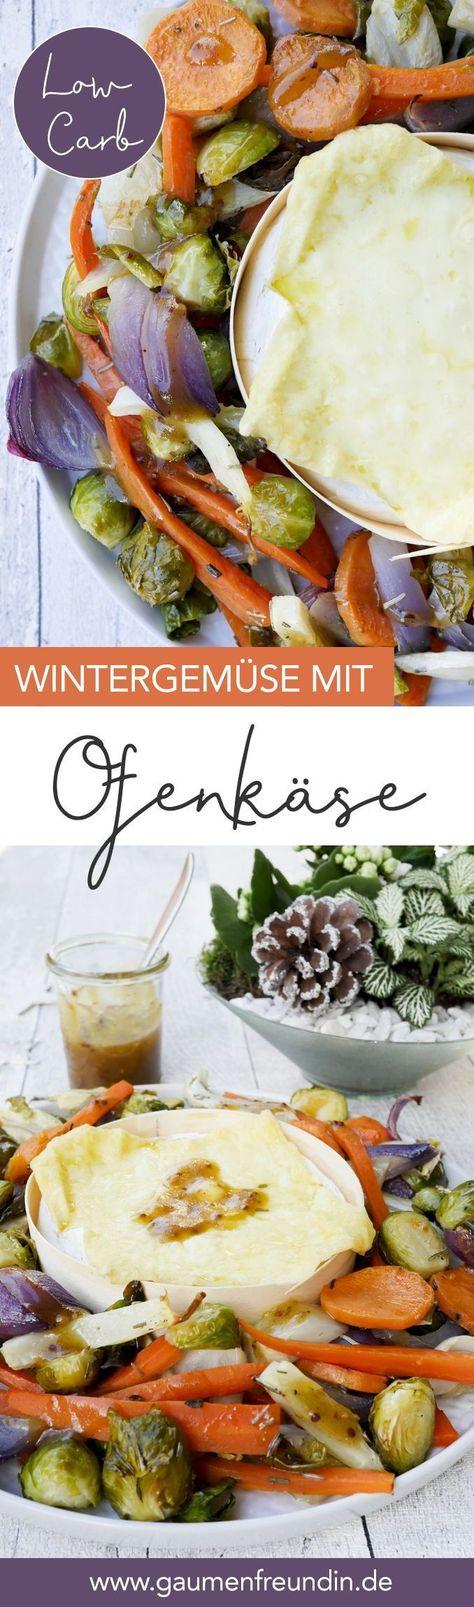 Enthält Werbung. Knackiges Wintergemüse (Rosenkohl, Möhren, Süßkartoffeln, Fenchel) mit zart-schmelzendem Ofenkäse - ein leckeres Low Carb Gericht für die Winterzeit - Gaumenfreundin Foodblog #ofenkäse #ofengemüse #rosenkohl #fenchel #sü�kartoffeln #möhre